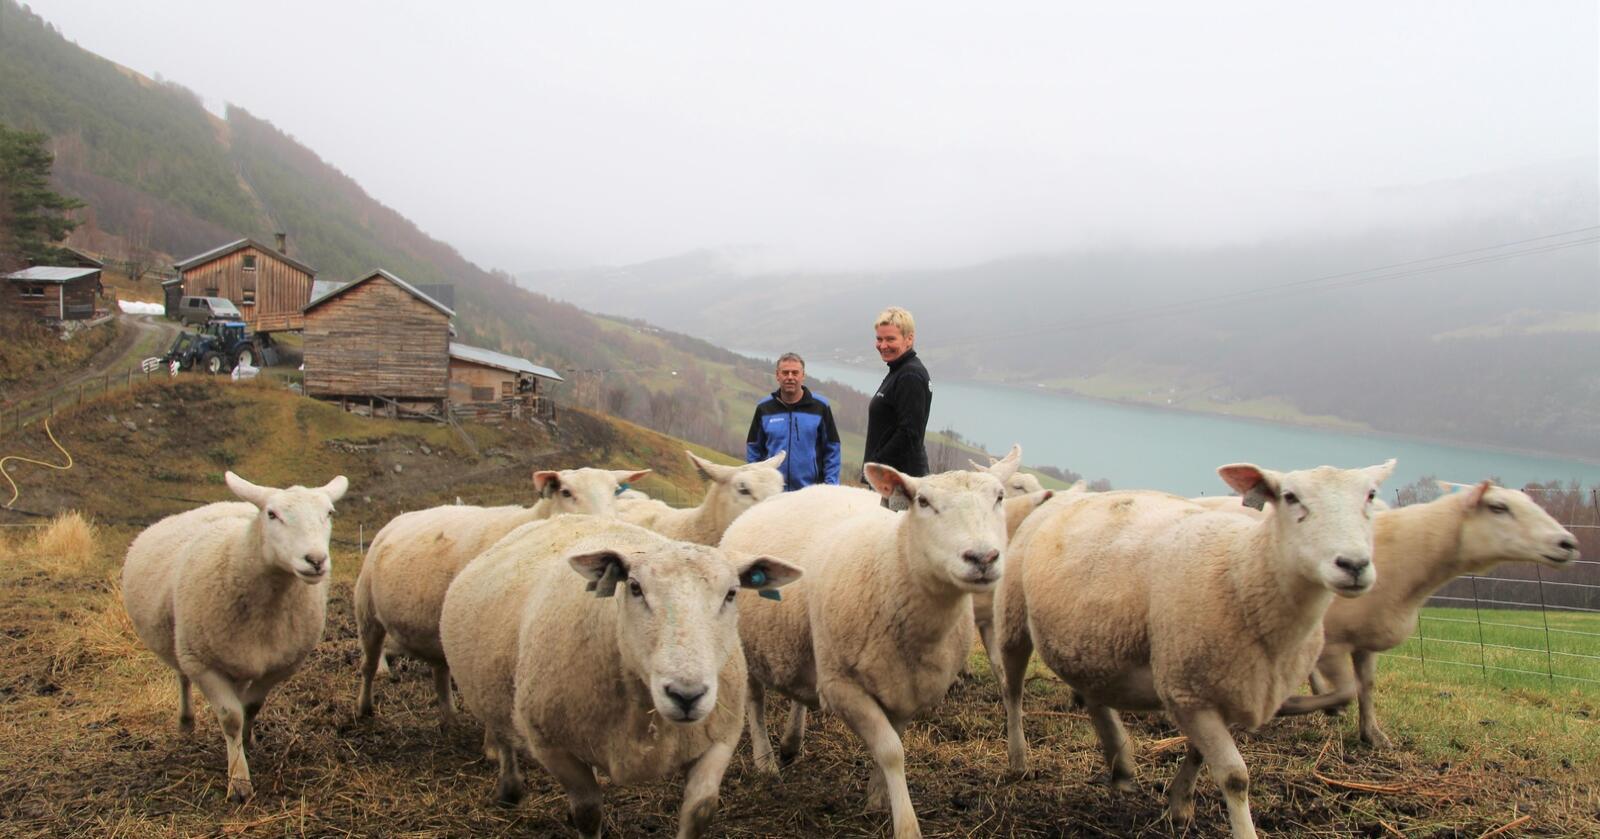 UTSIKT: 500 meter over havet og med fritt utsyn til Vågåvatnet ligger den gamle husmannsplassen Dalestugu. Her bor Per og Anne Kari med gjeterhunder og 60 søyer.